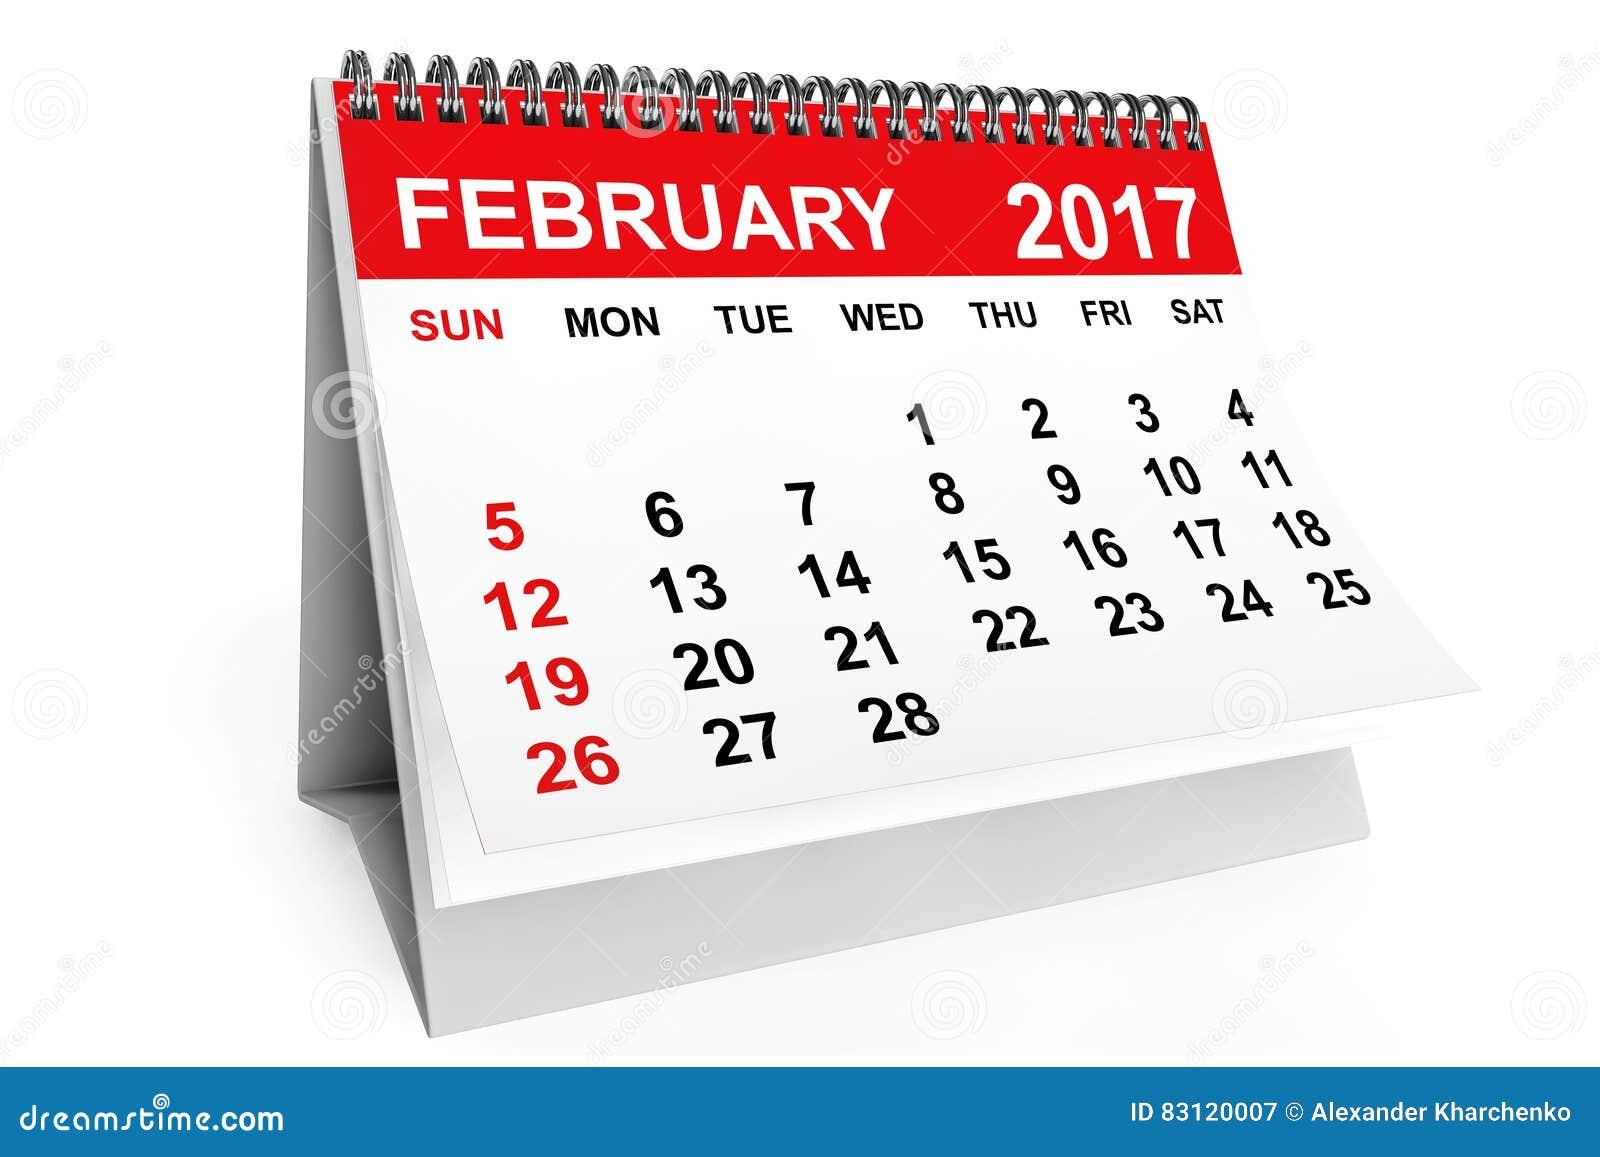 February Calendar Illustration : Calendar february d rendering stock illustration